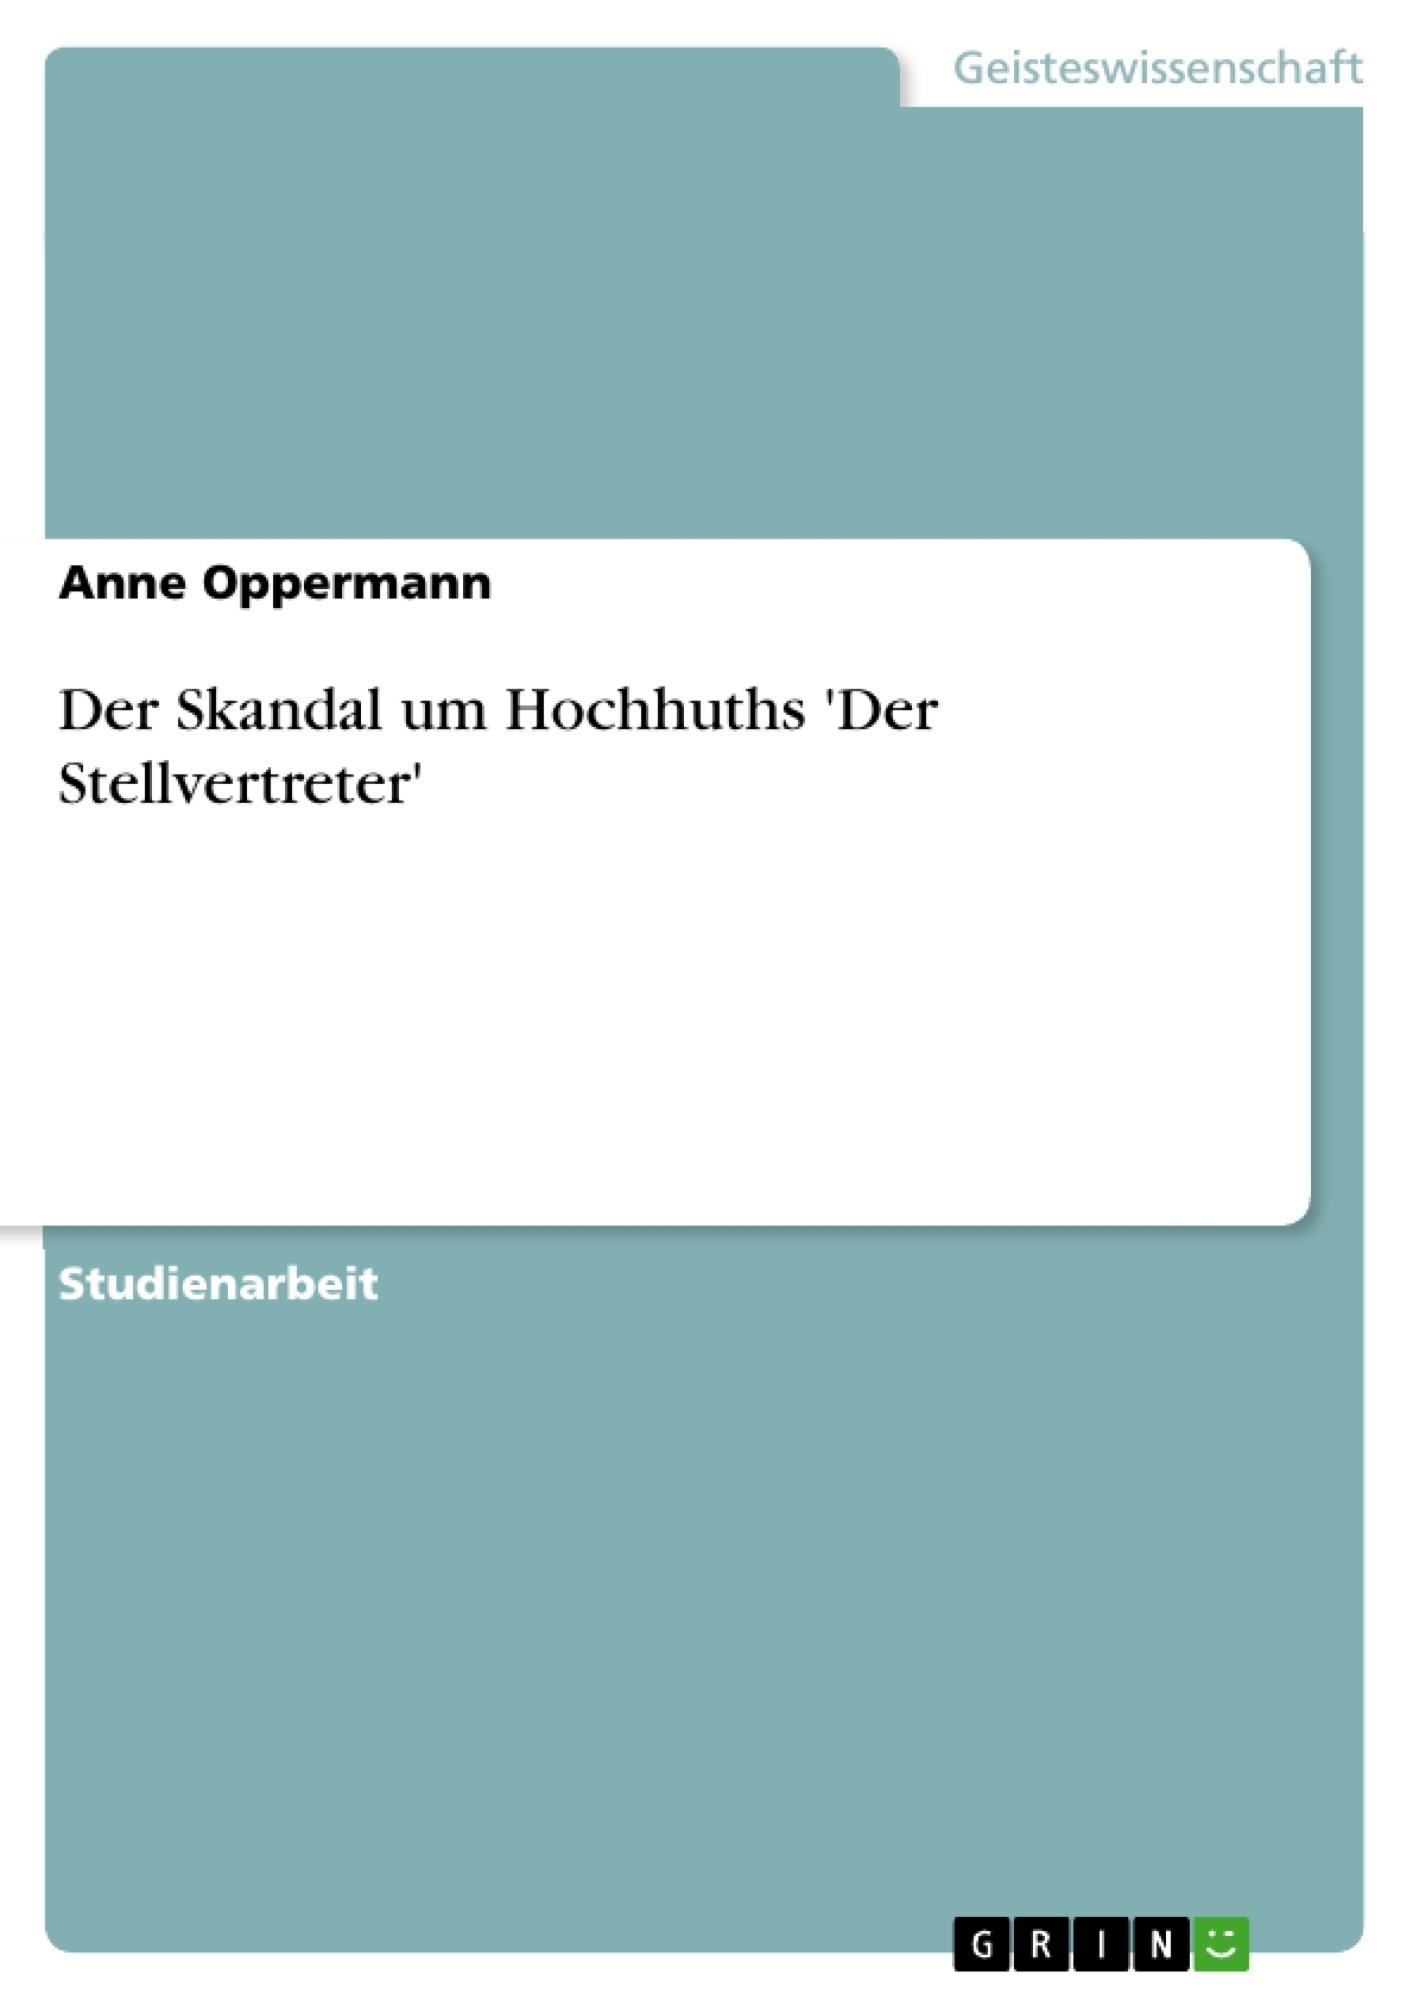 Titel: Der Skandal um Hochhuths 'Der Stellvertreter'